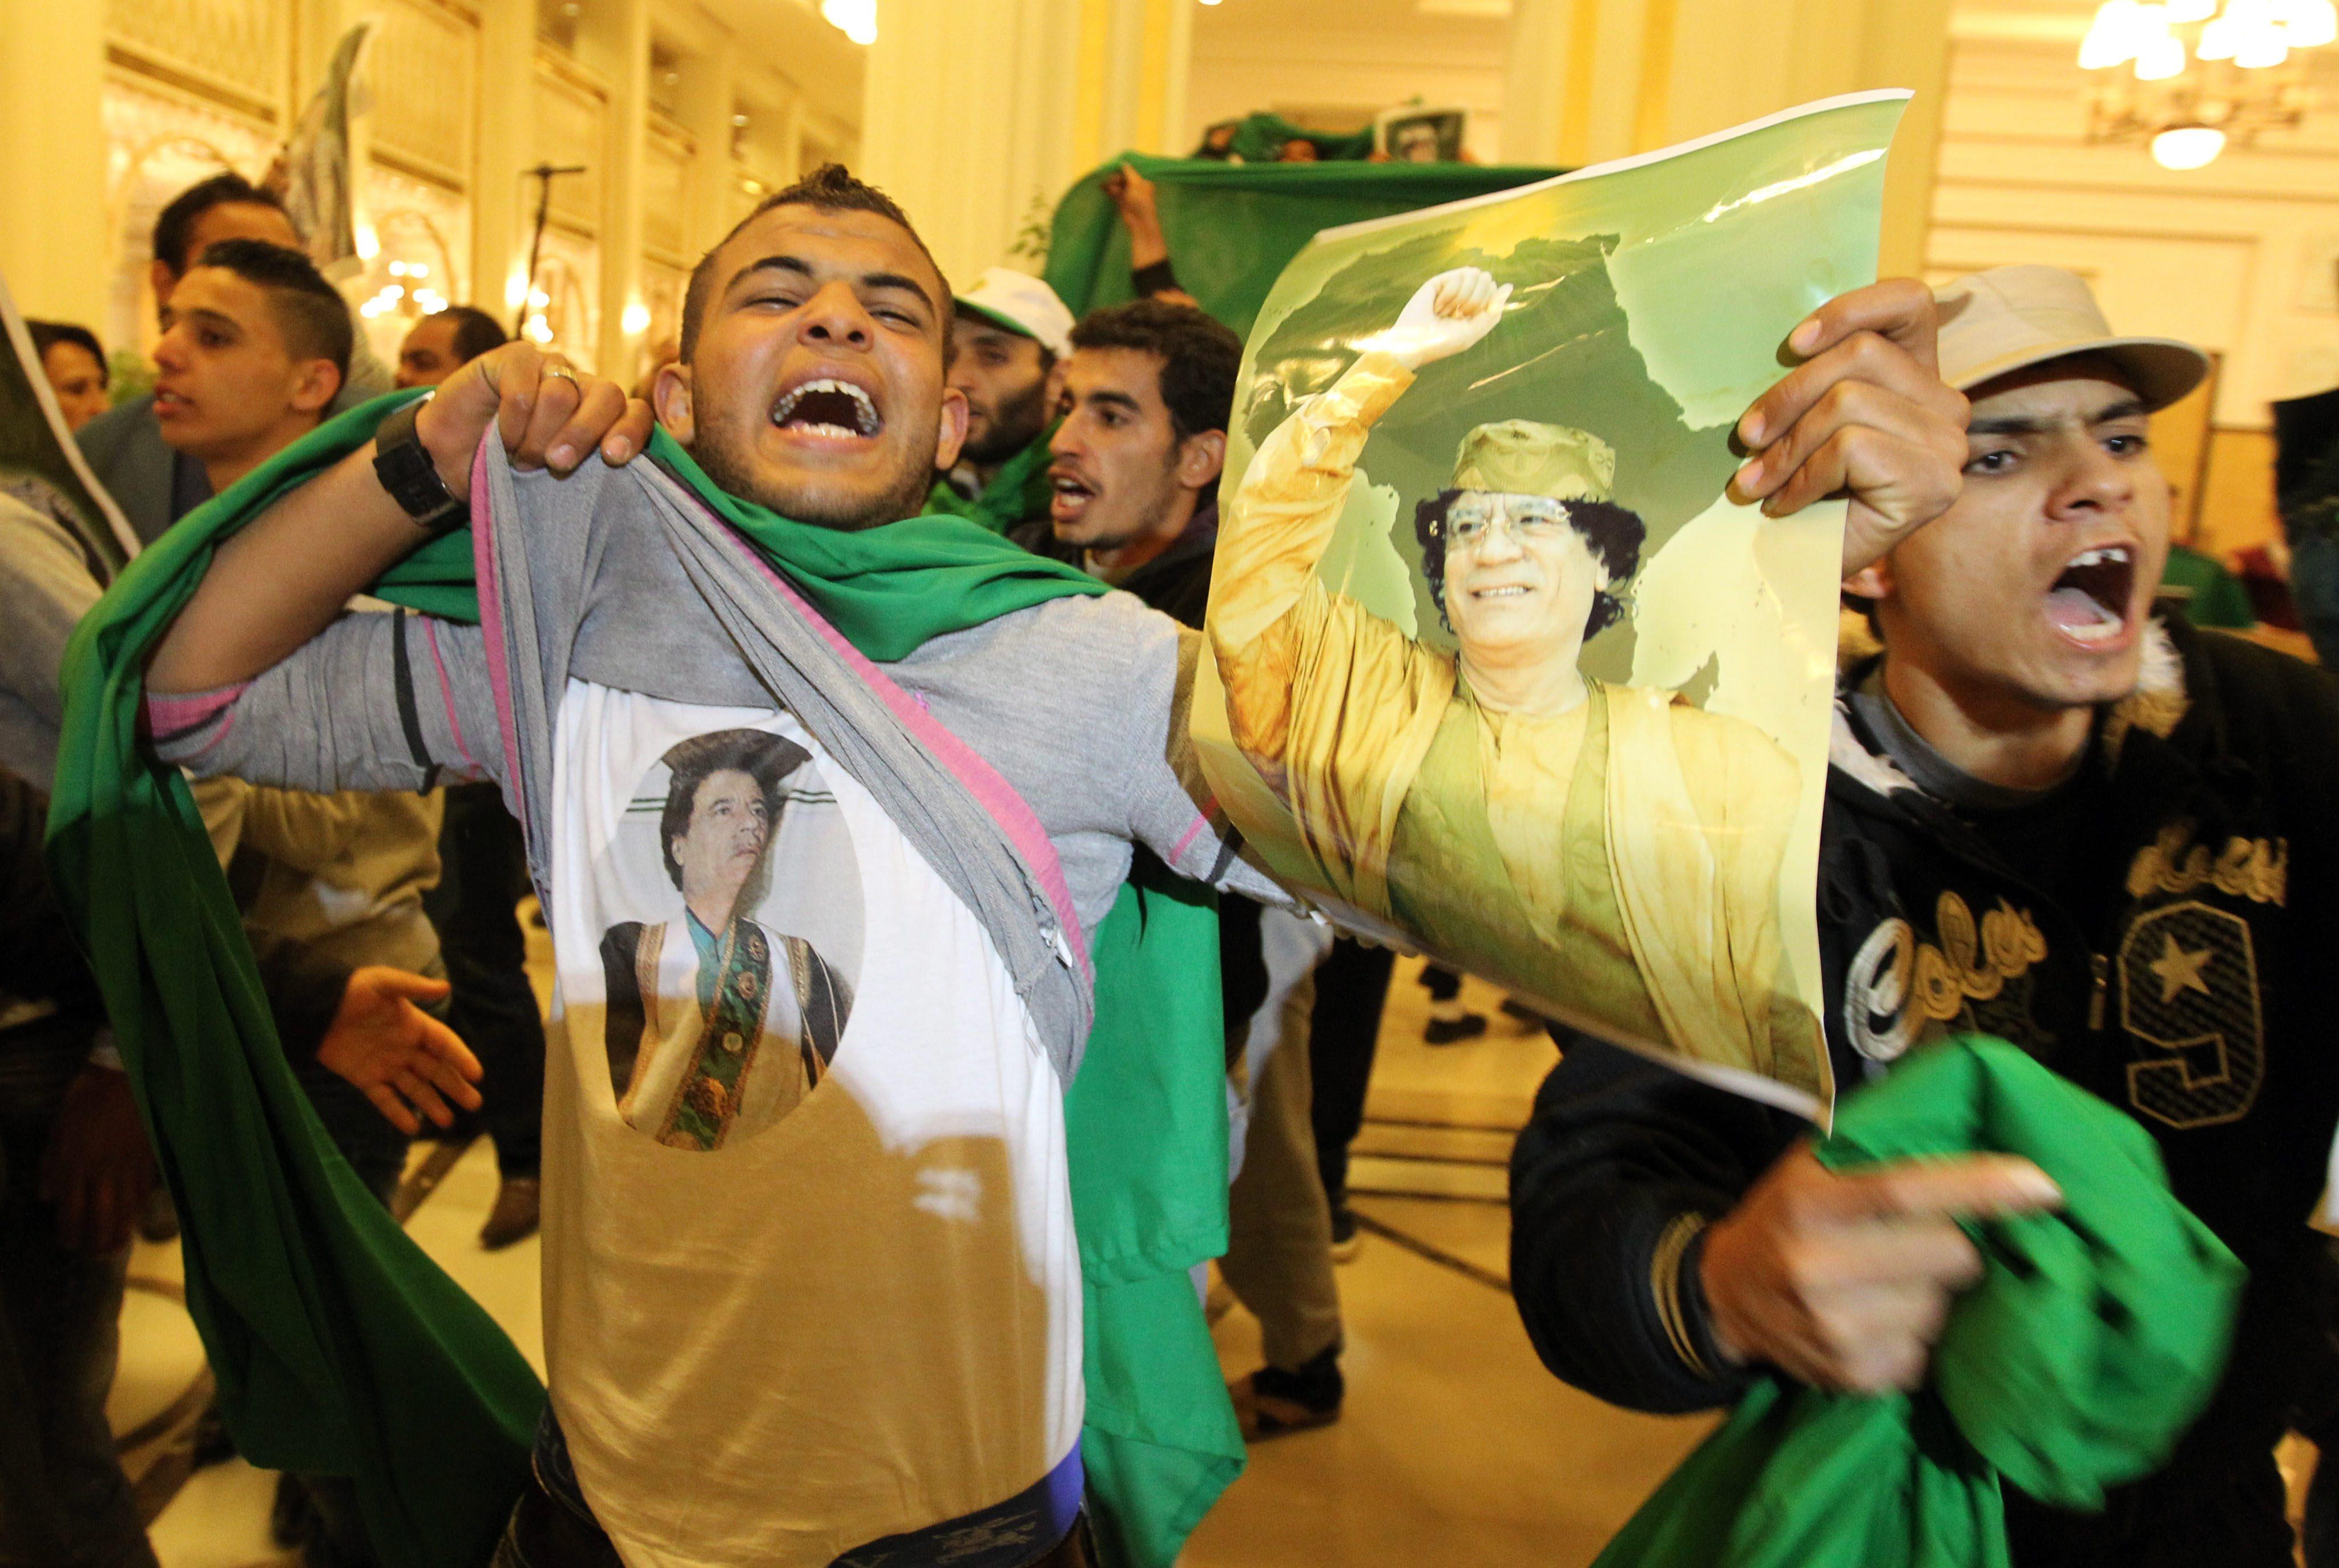 Освободиха отвлечените в Либия журналисти